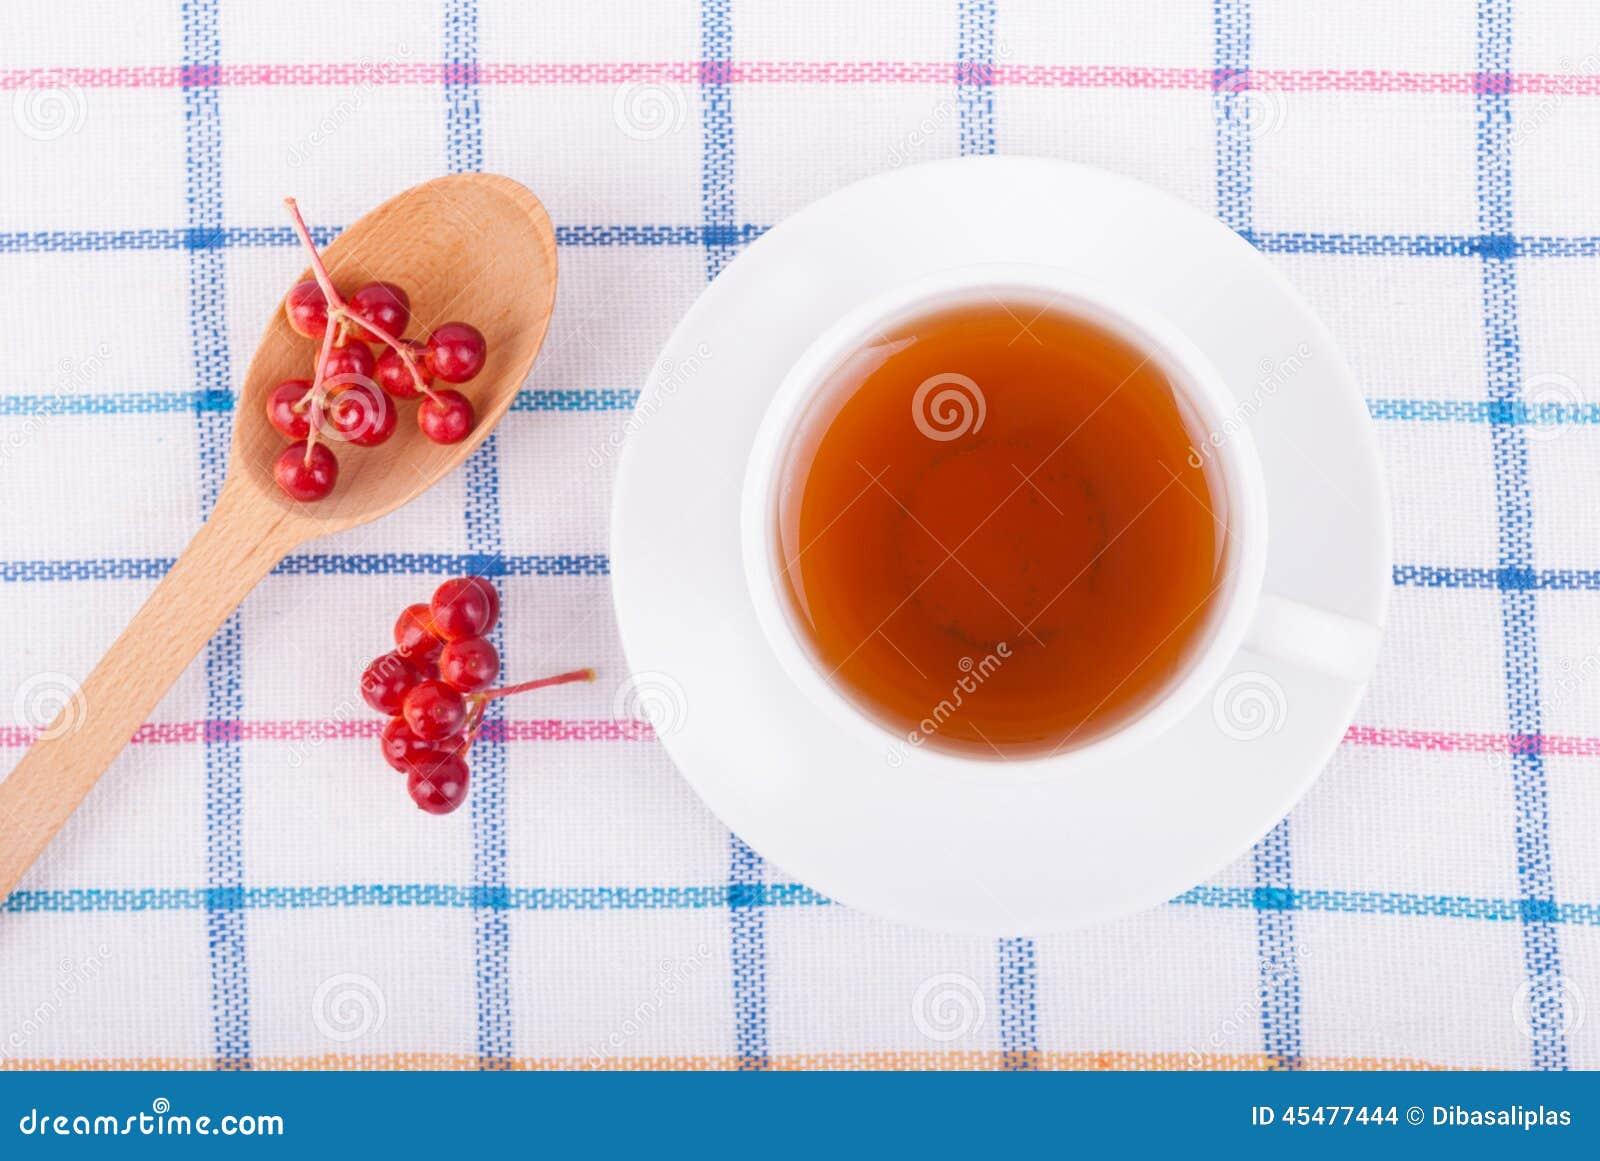 茶用红色荚莲属的植物莓果